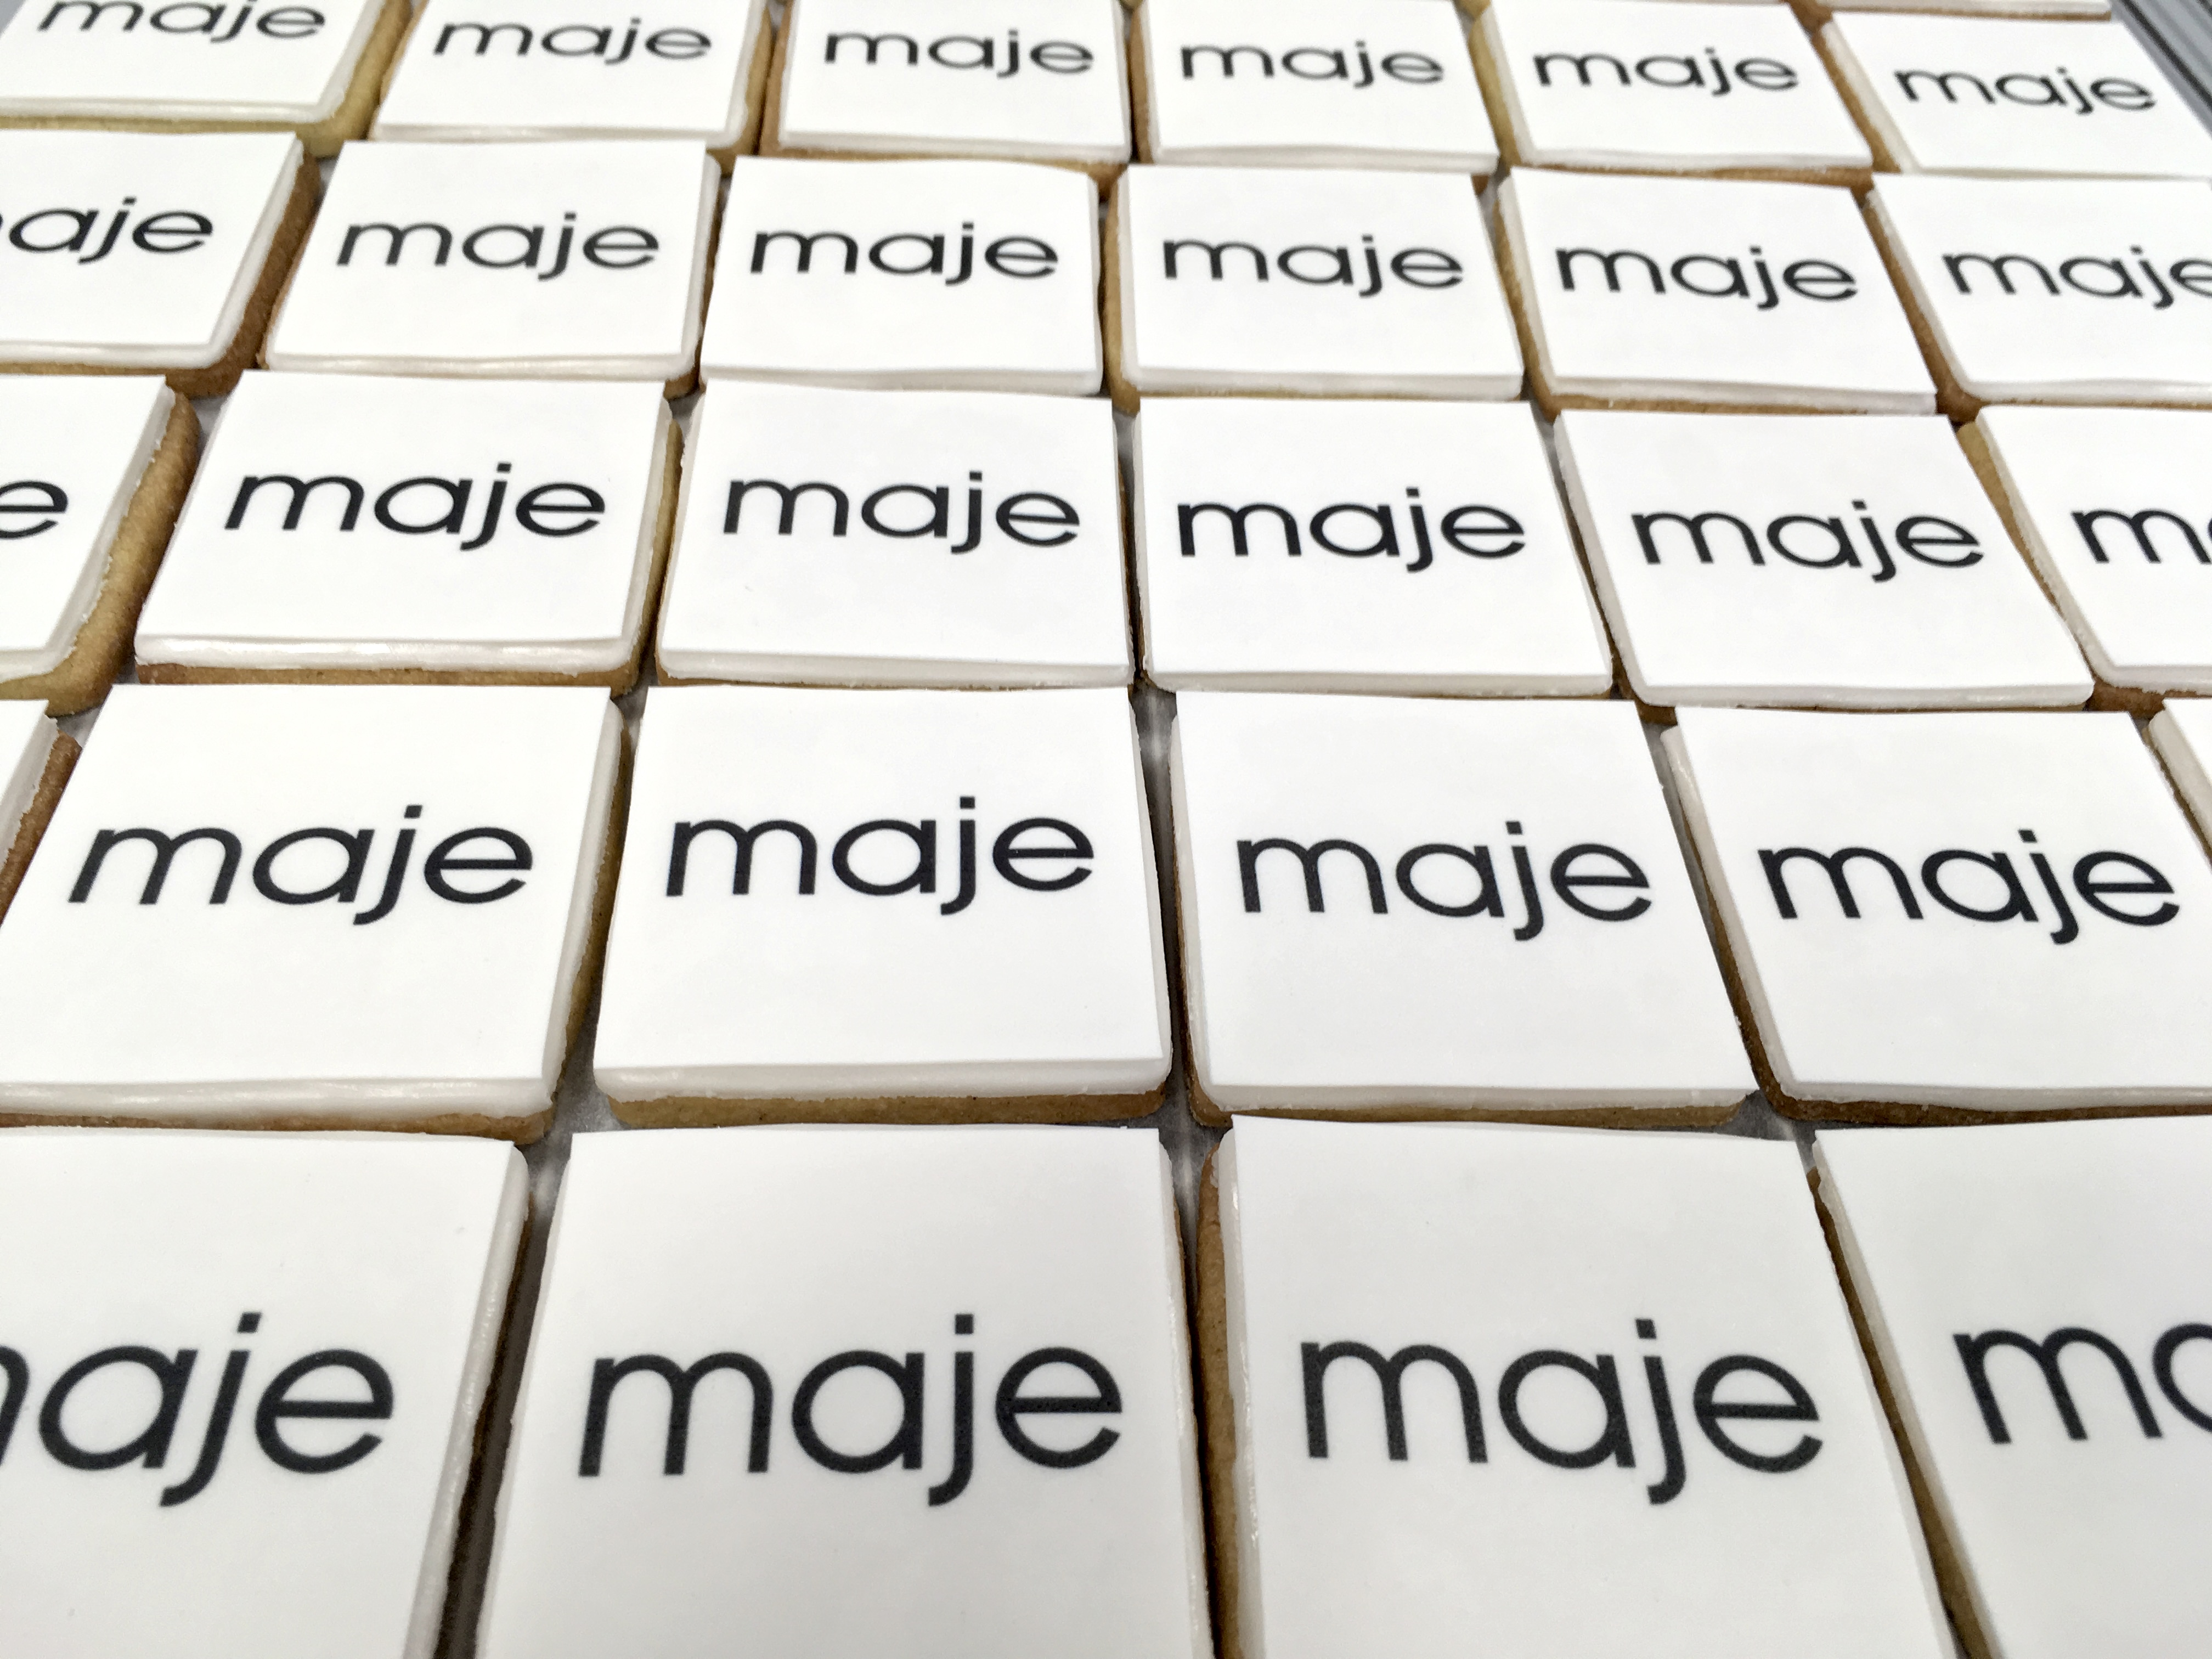 Gâteaux sur mesure Food Marketing Entreprise - Sablés logo Evènement Galeries Lafayette Maje